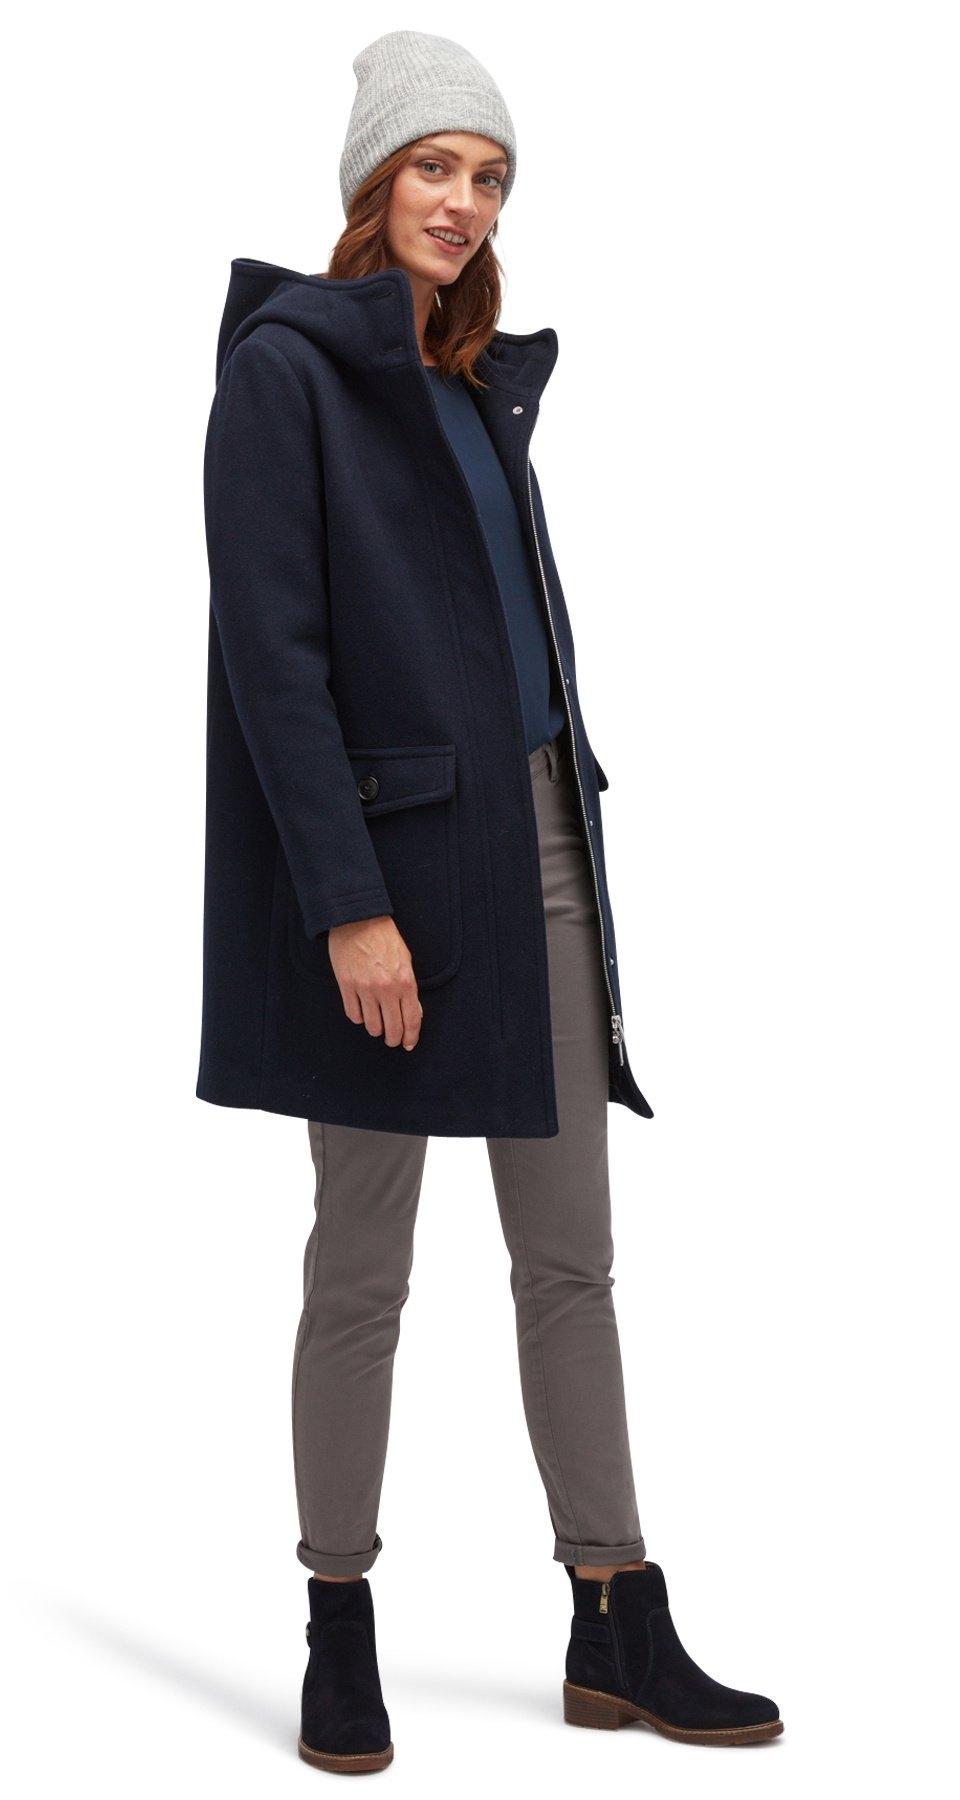 Online Nu Broekchino Tom Kopen Slim Tailor k8wOZNnX0P